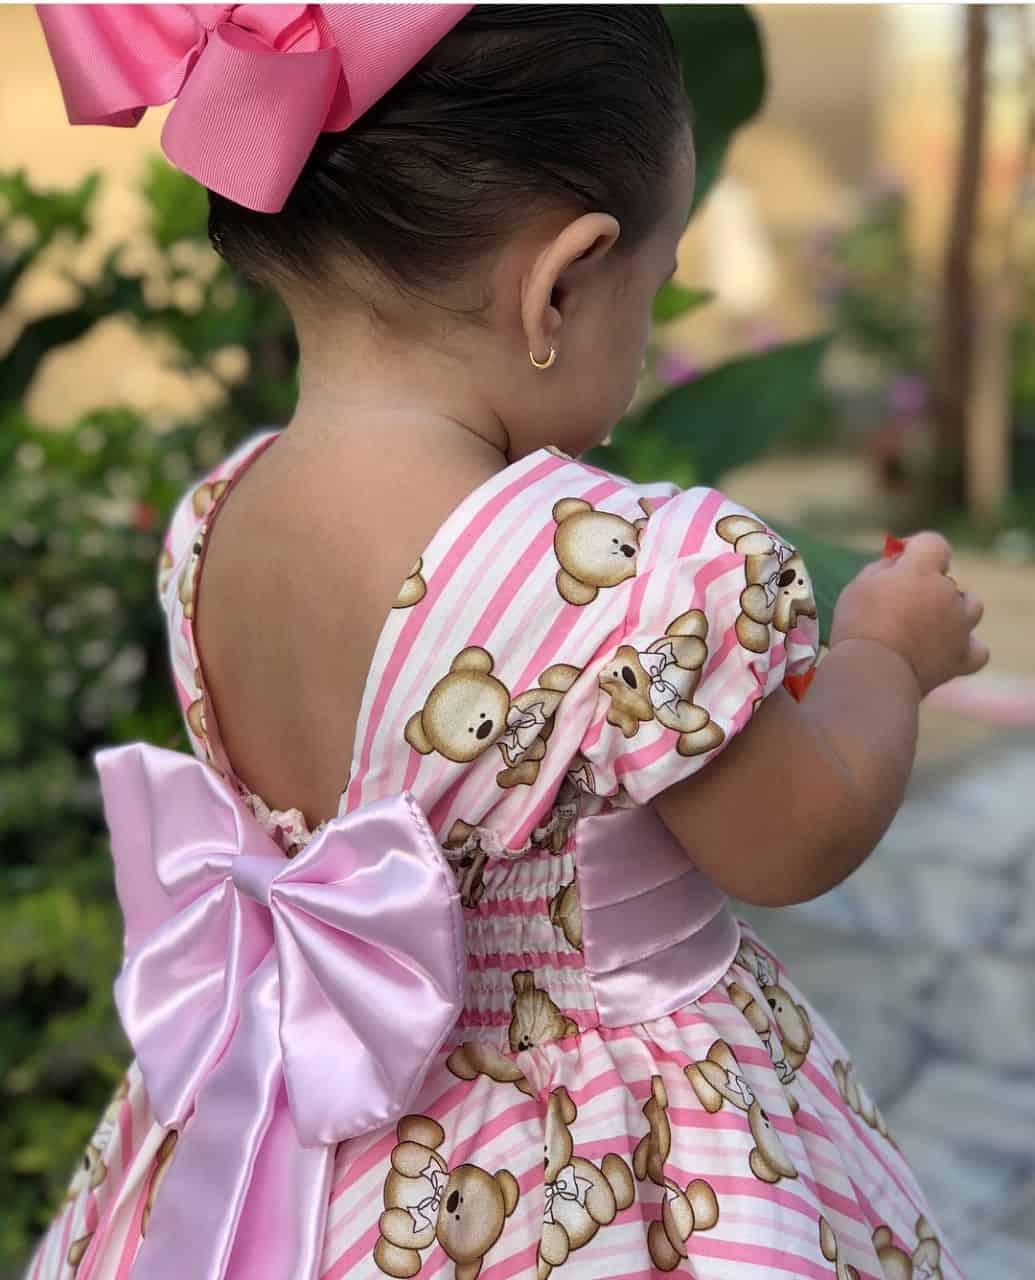 vestido infantil com estampa de ursinhos